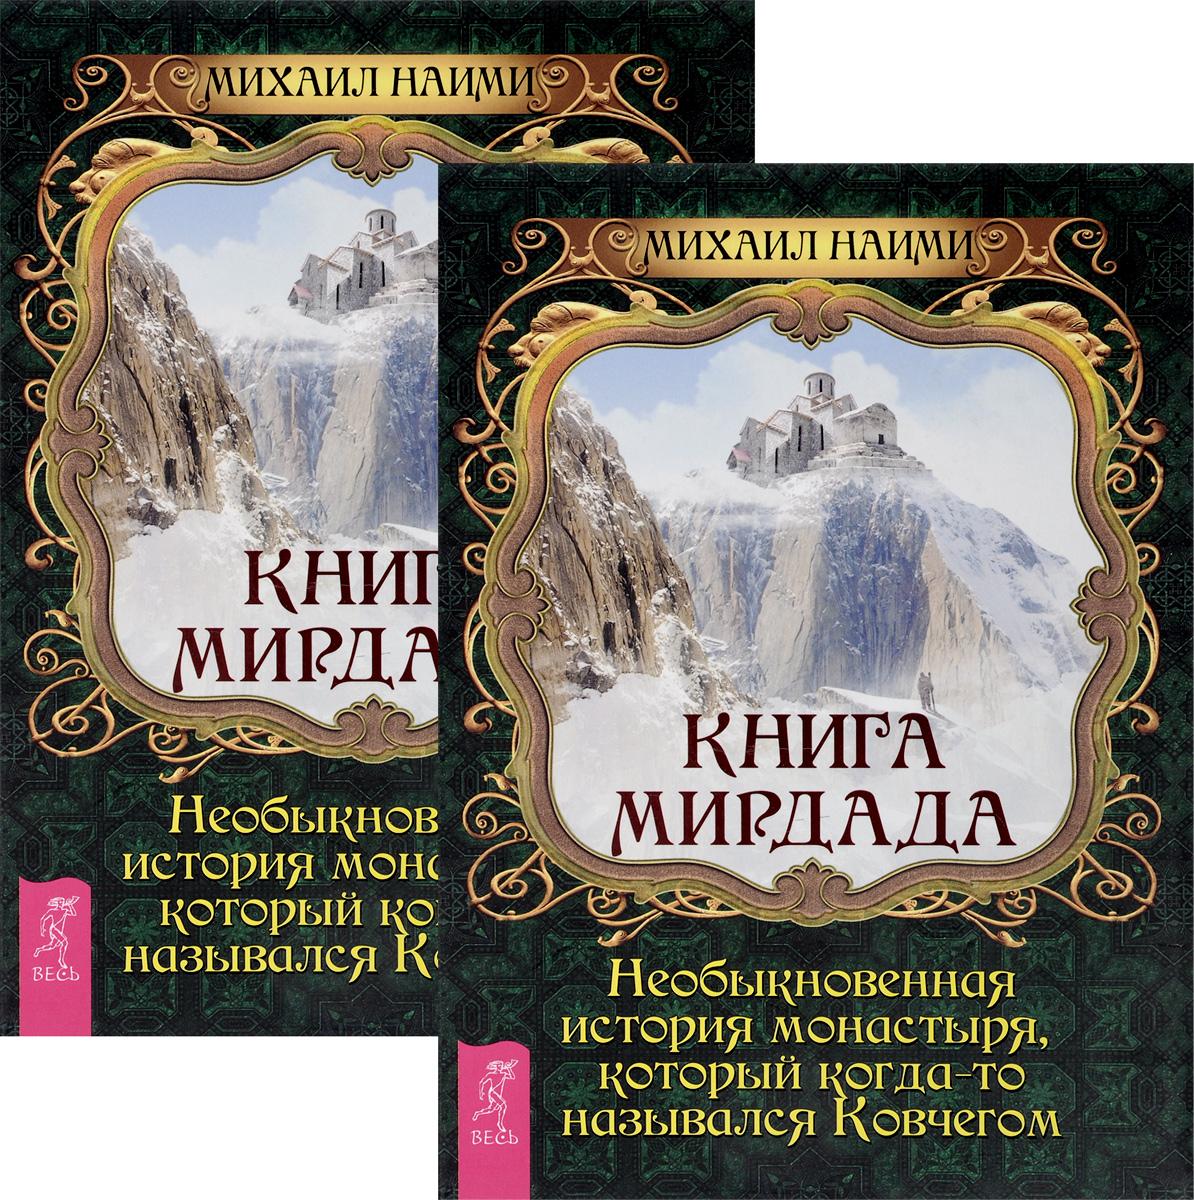 Книга Мирдада. Необыкновенная история монастыря, который когда-то назывался Ковчегом (комплект из 2 книг)